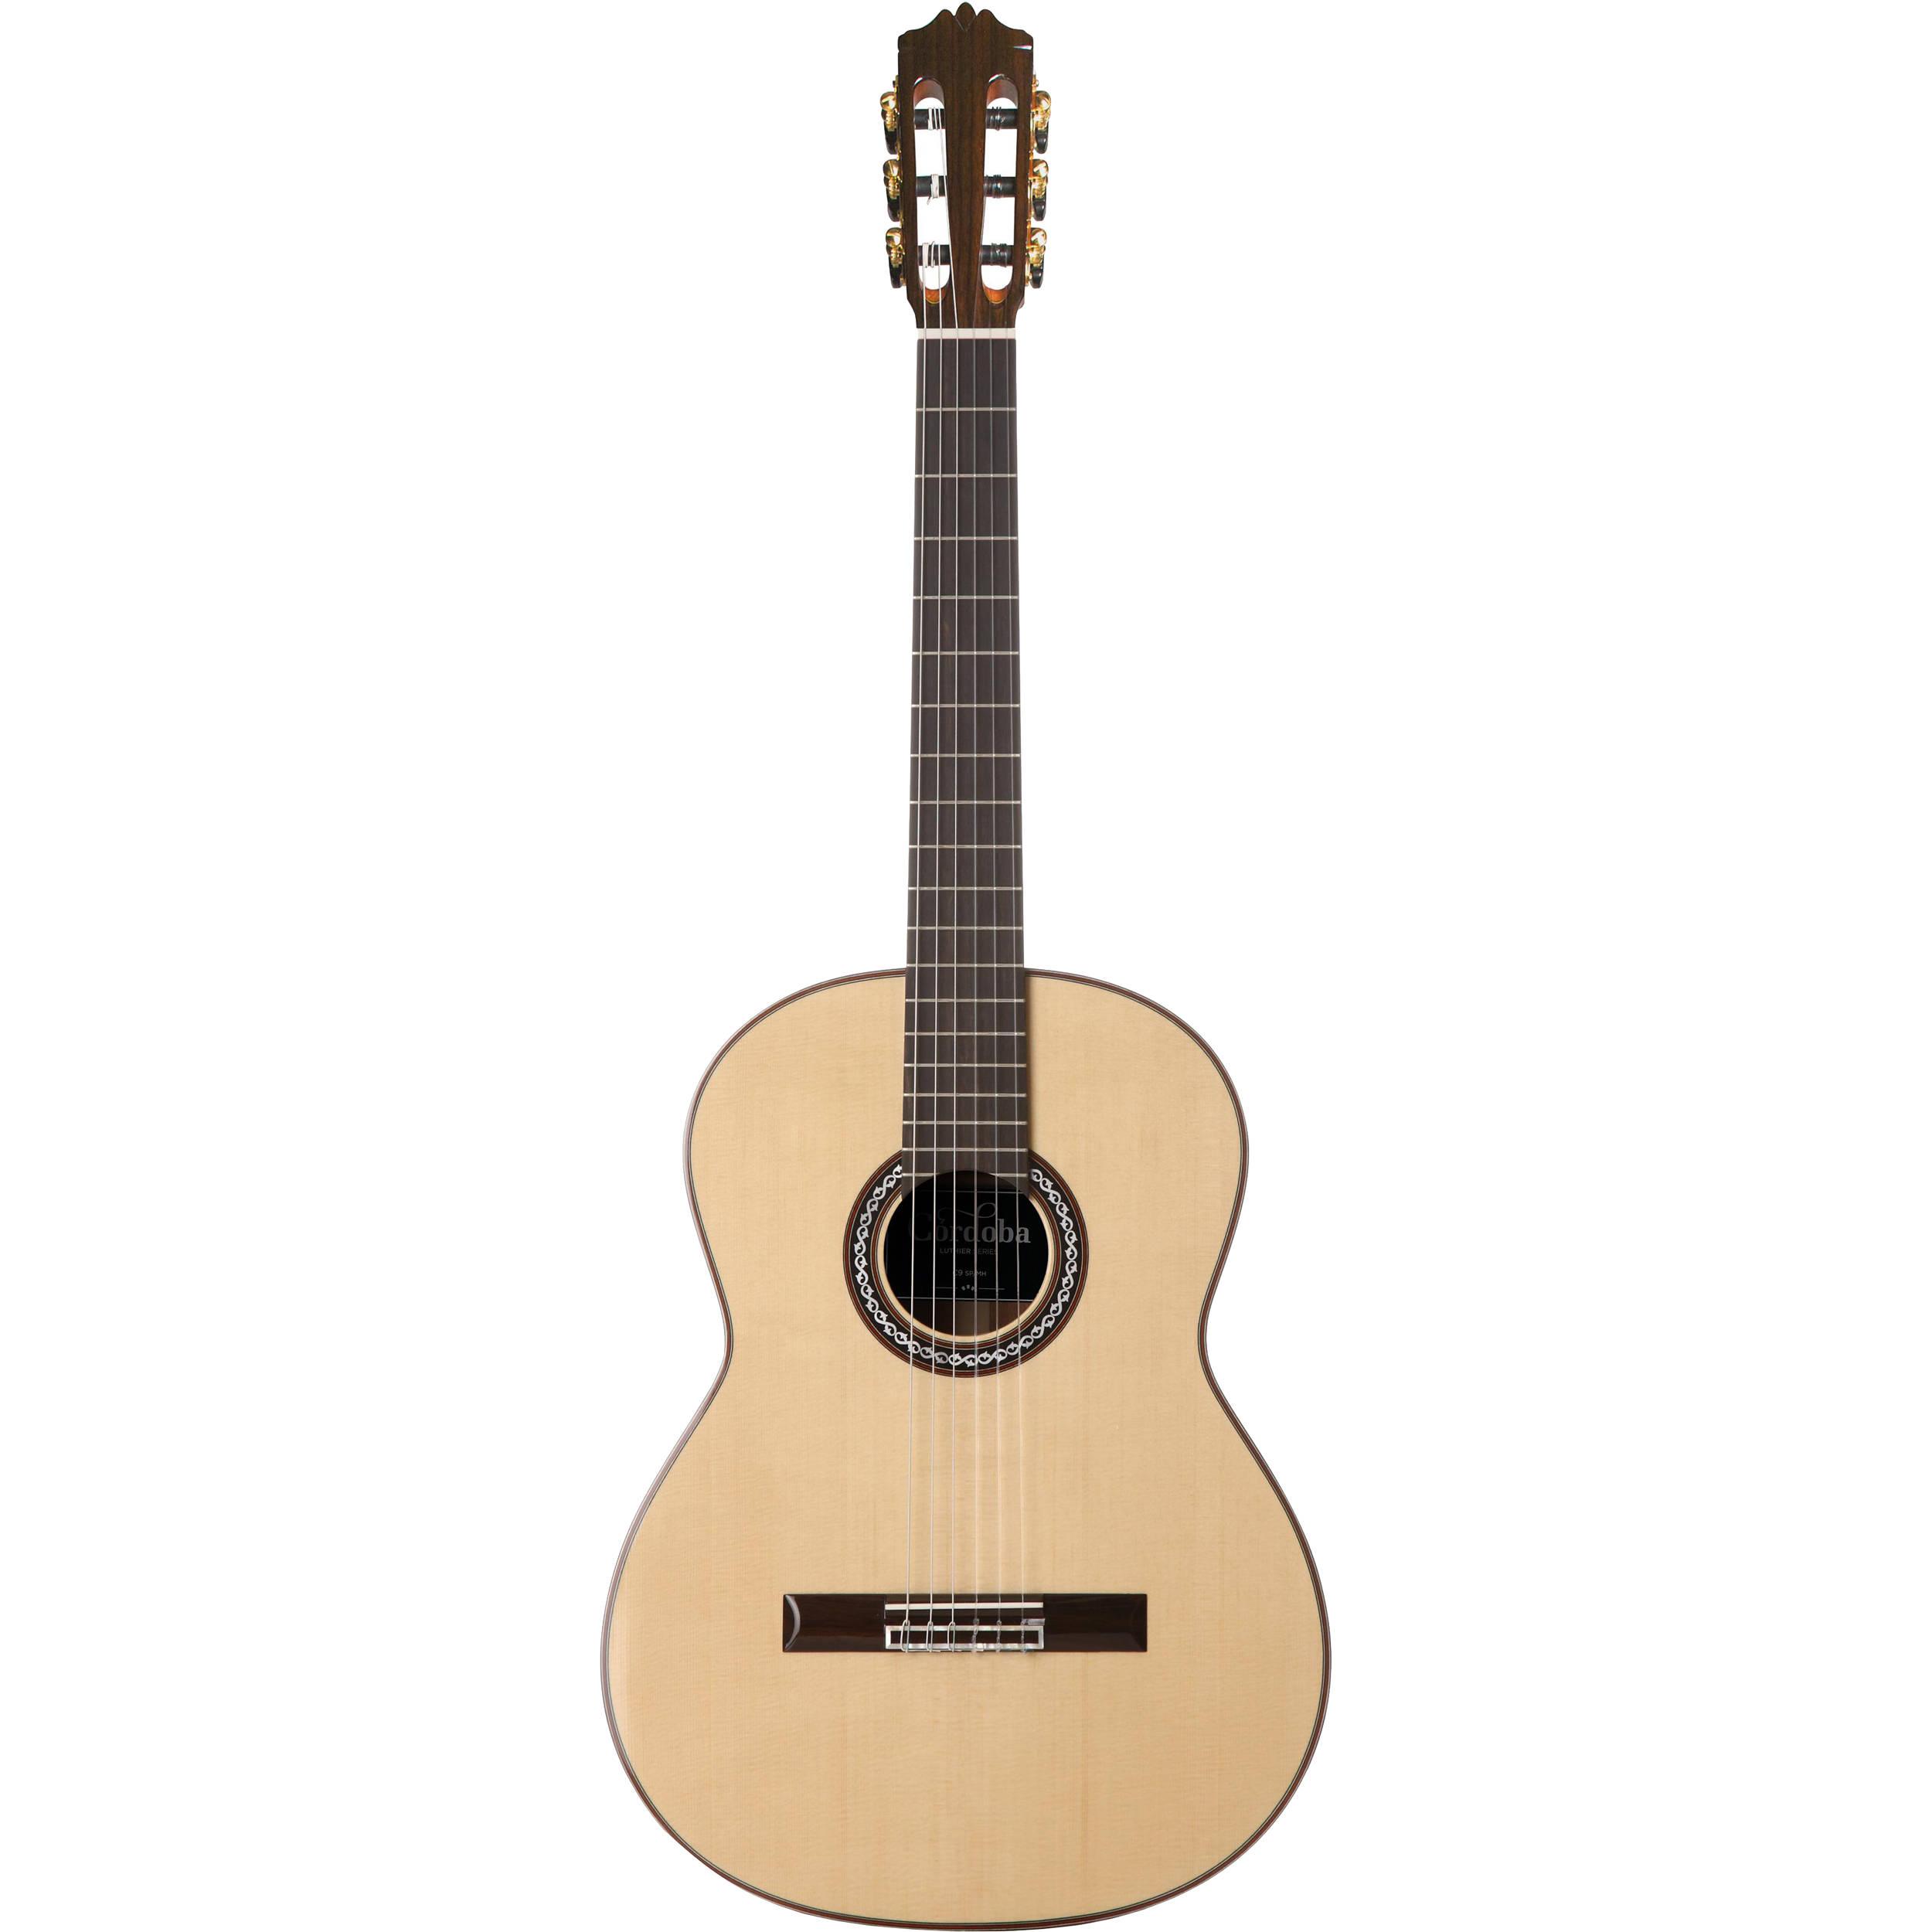 6cd0feb0a Cordoba C9 Luthier Series Nylon-String Classical Guitar (European Spruce  Top